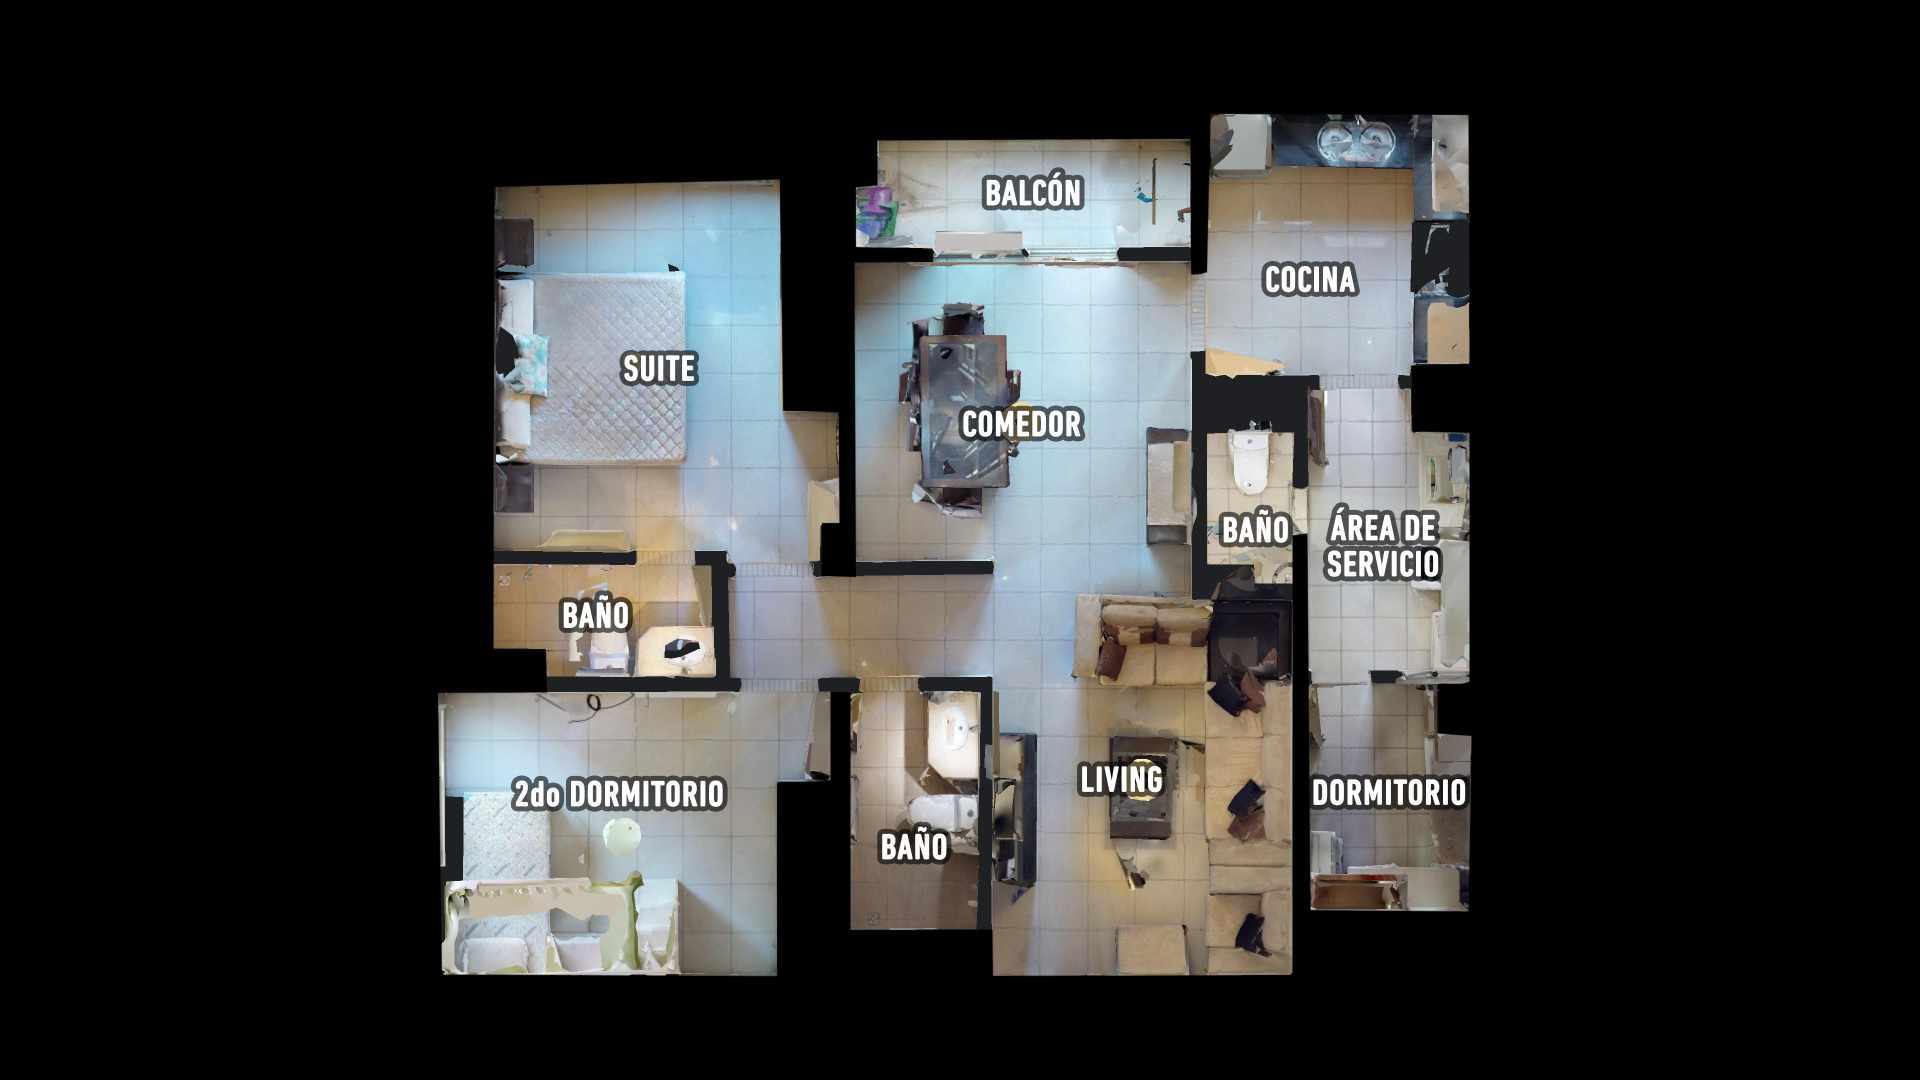 Departamento en Venta AV BANZER, ENTRE 4to y 5to ANILLO Foto 16